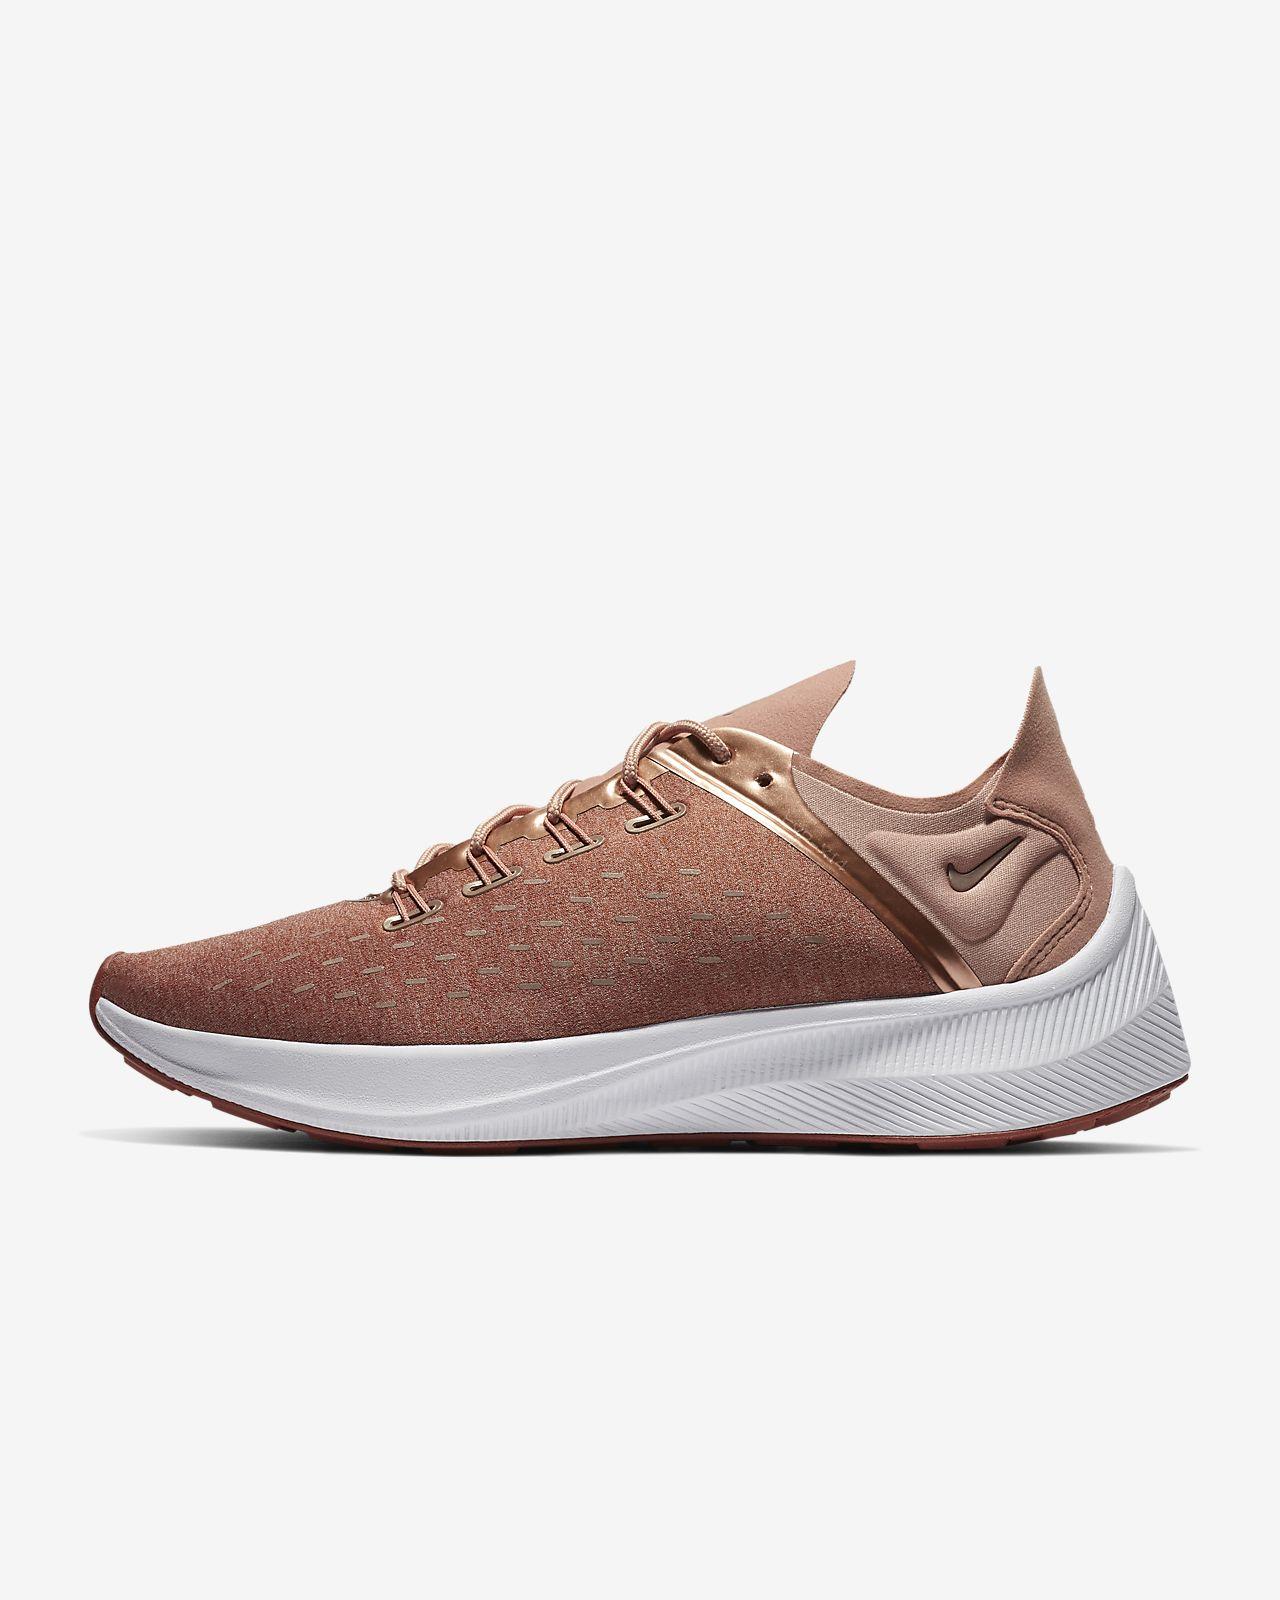 f8d79c0807eb Nike EXP-X14 Premium Women s Shoe. Nike.com